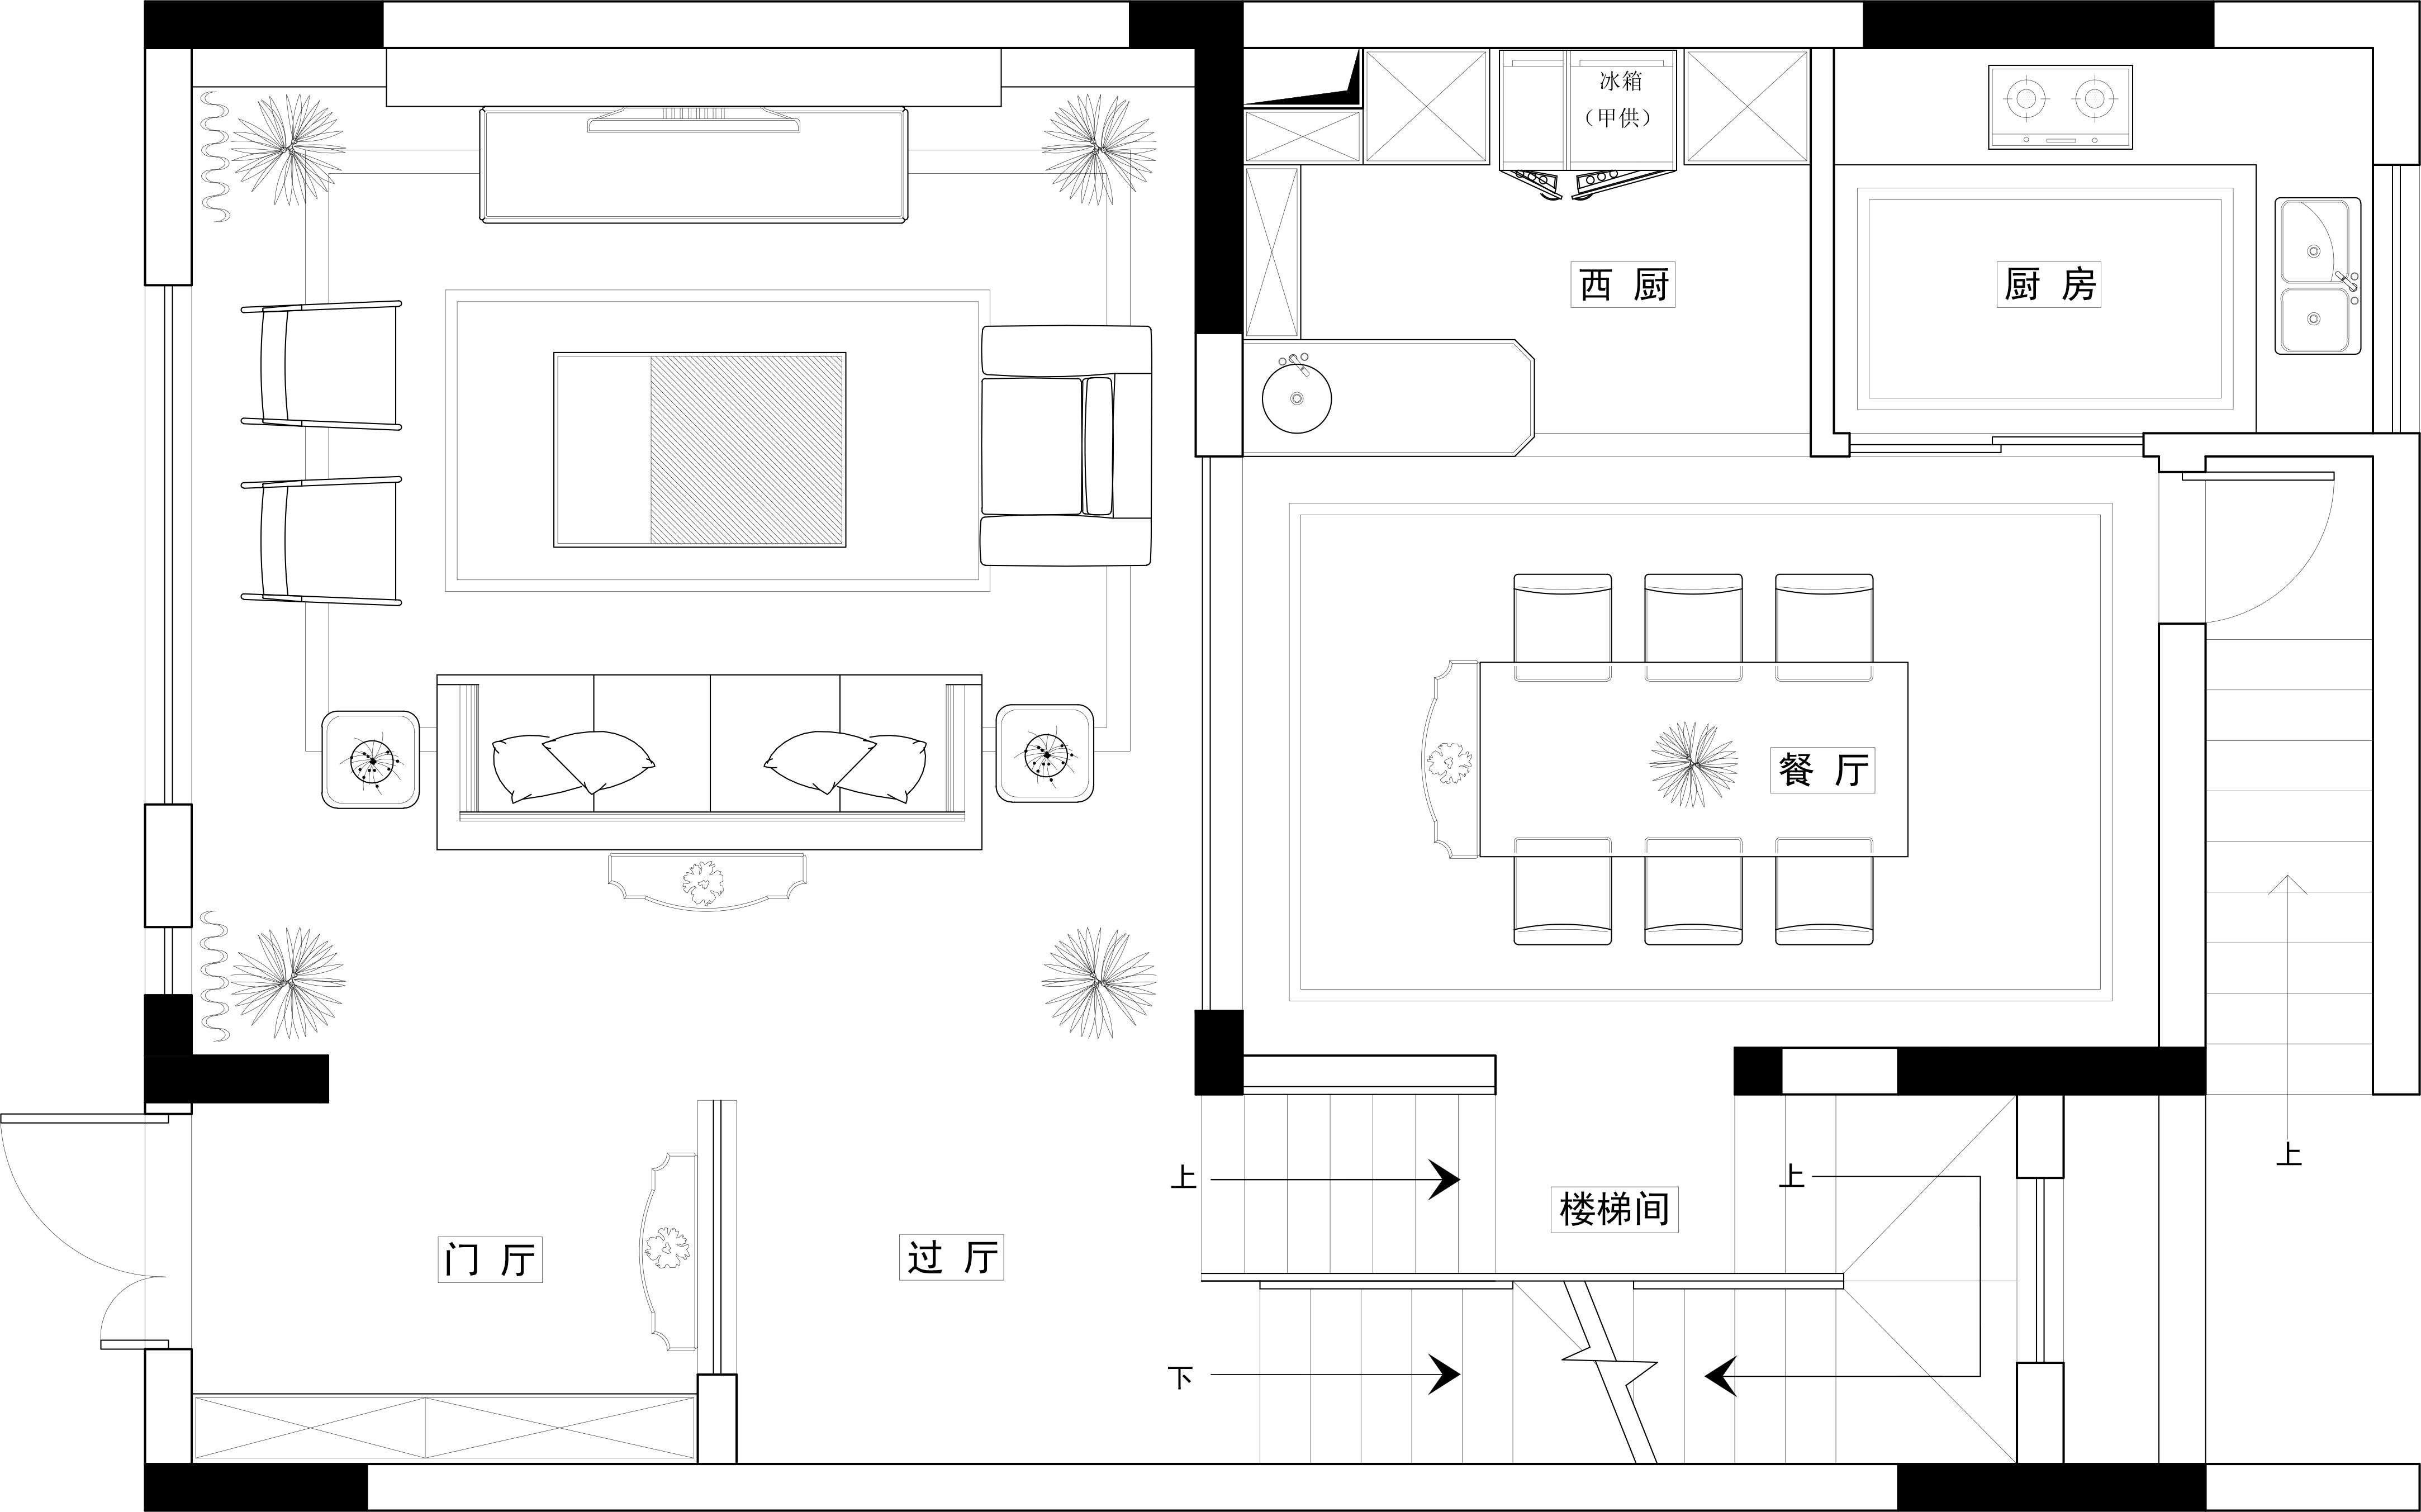 天润尚院330平米新中式风格装修效果图装修设计理念